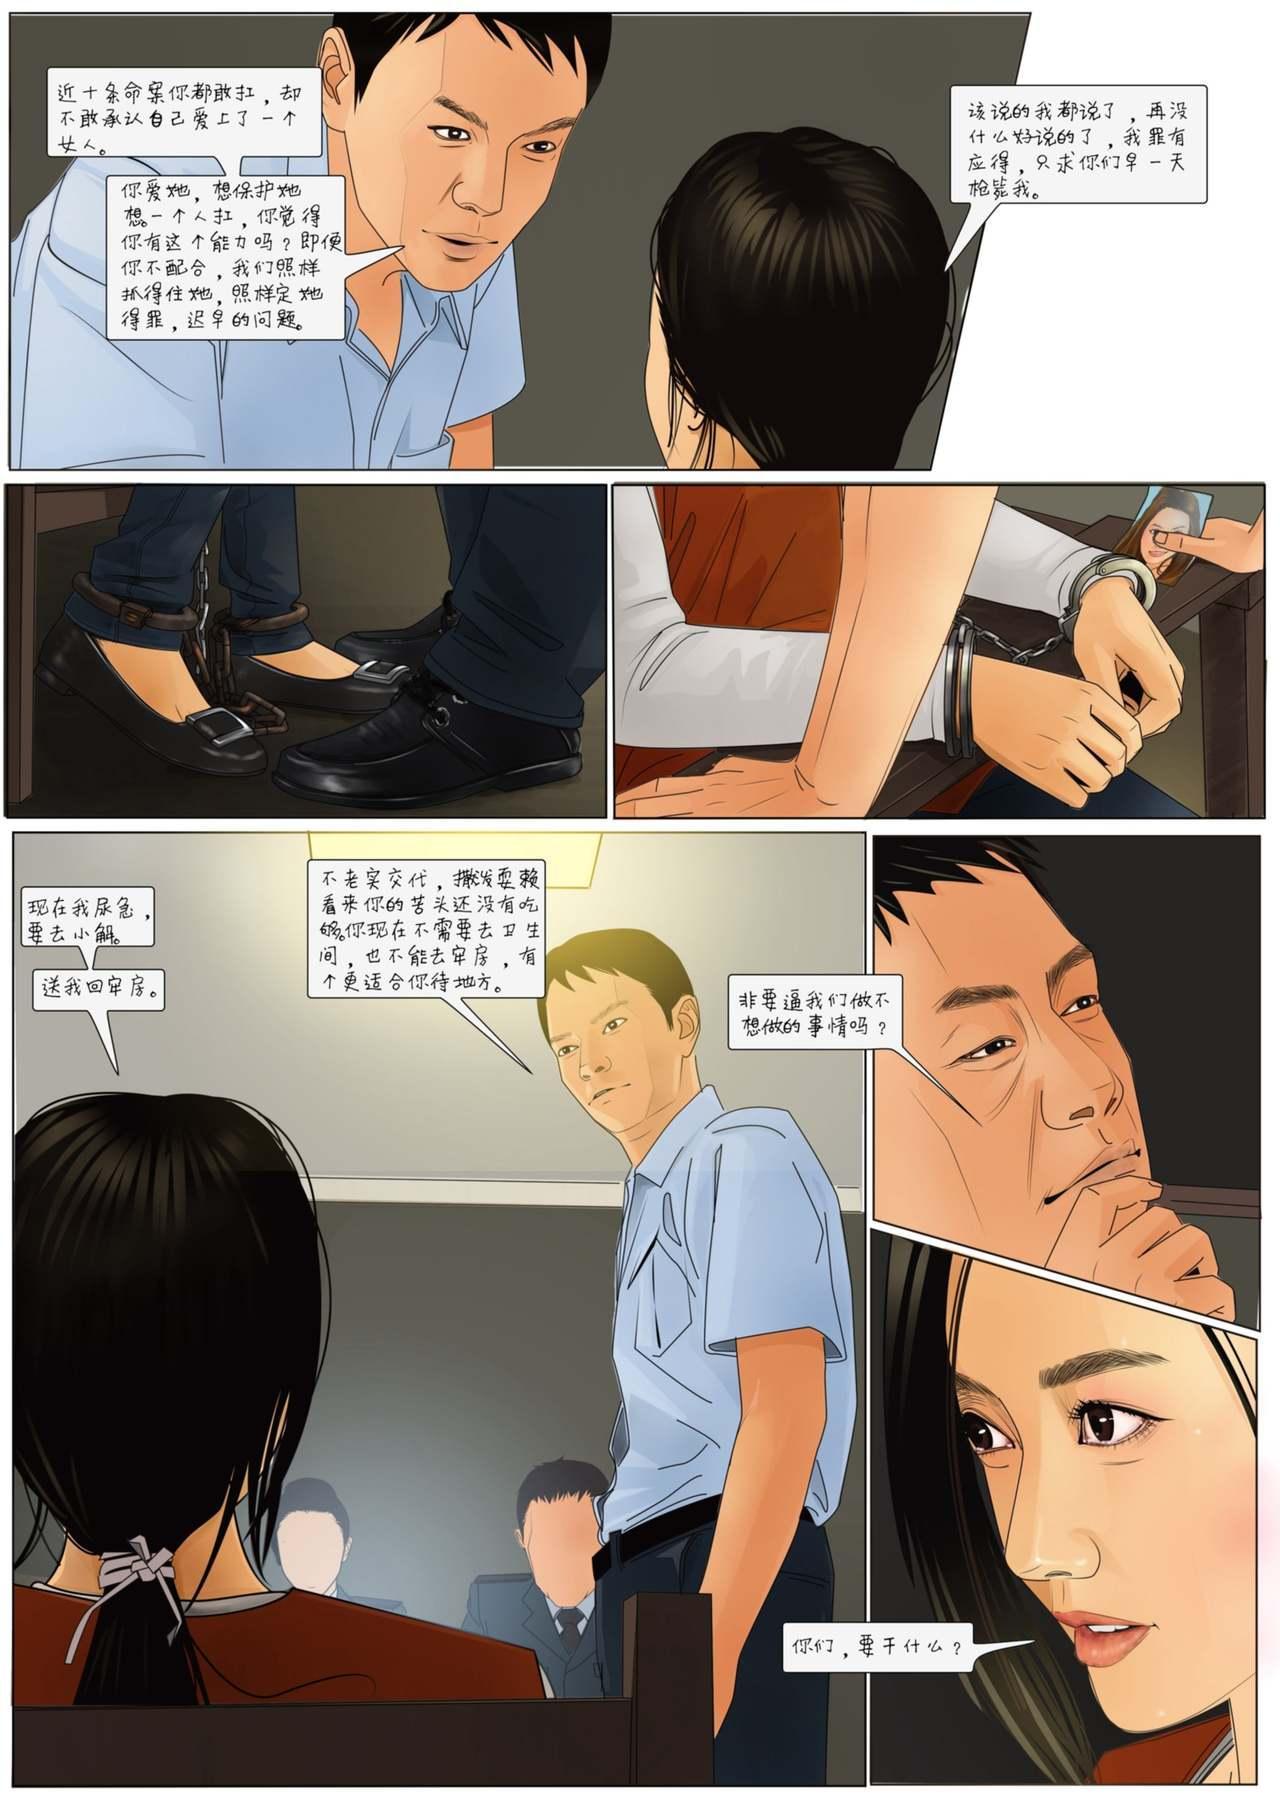 [枫语]Three Female Prisoners 3 [Chinese]中文 18